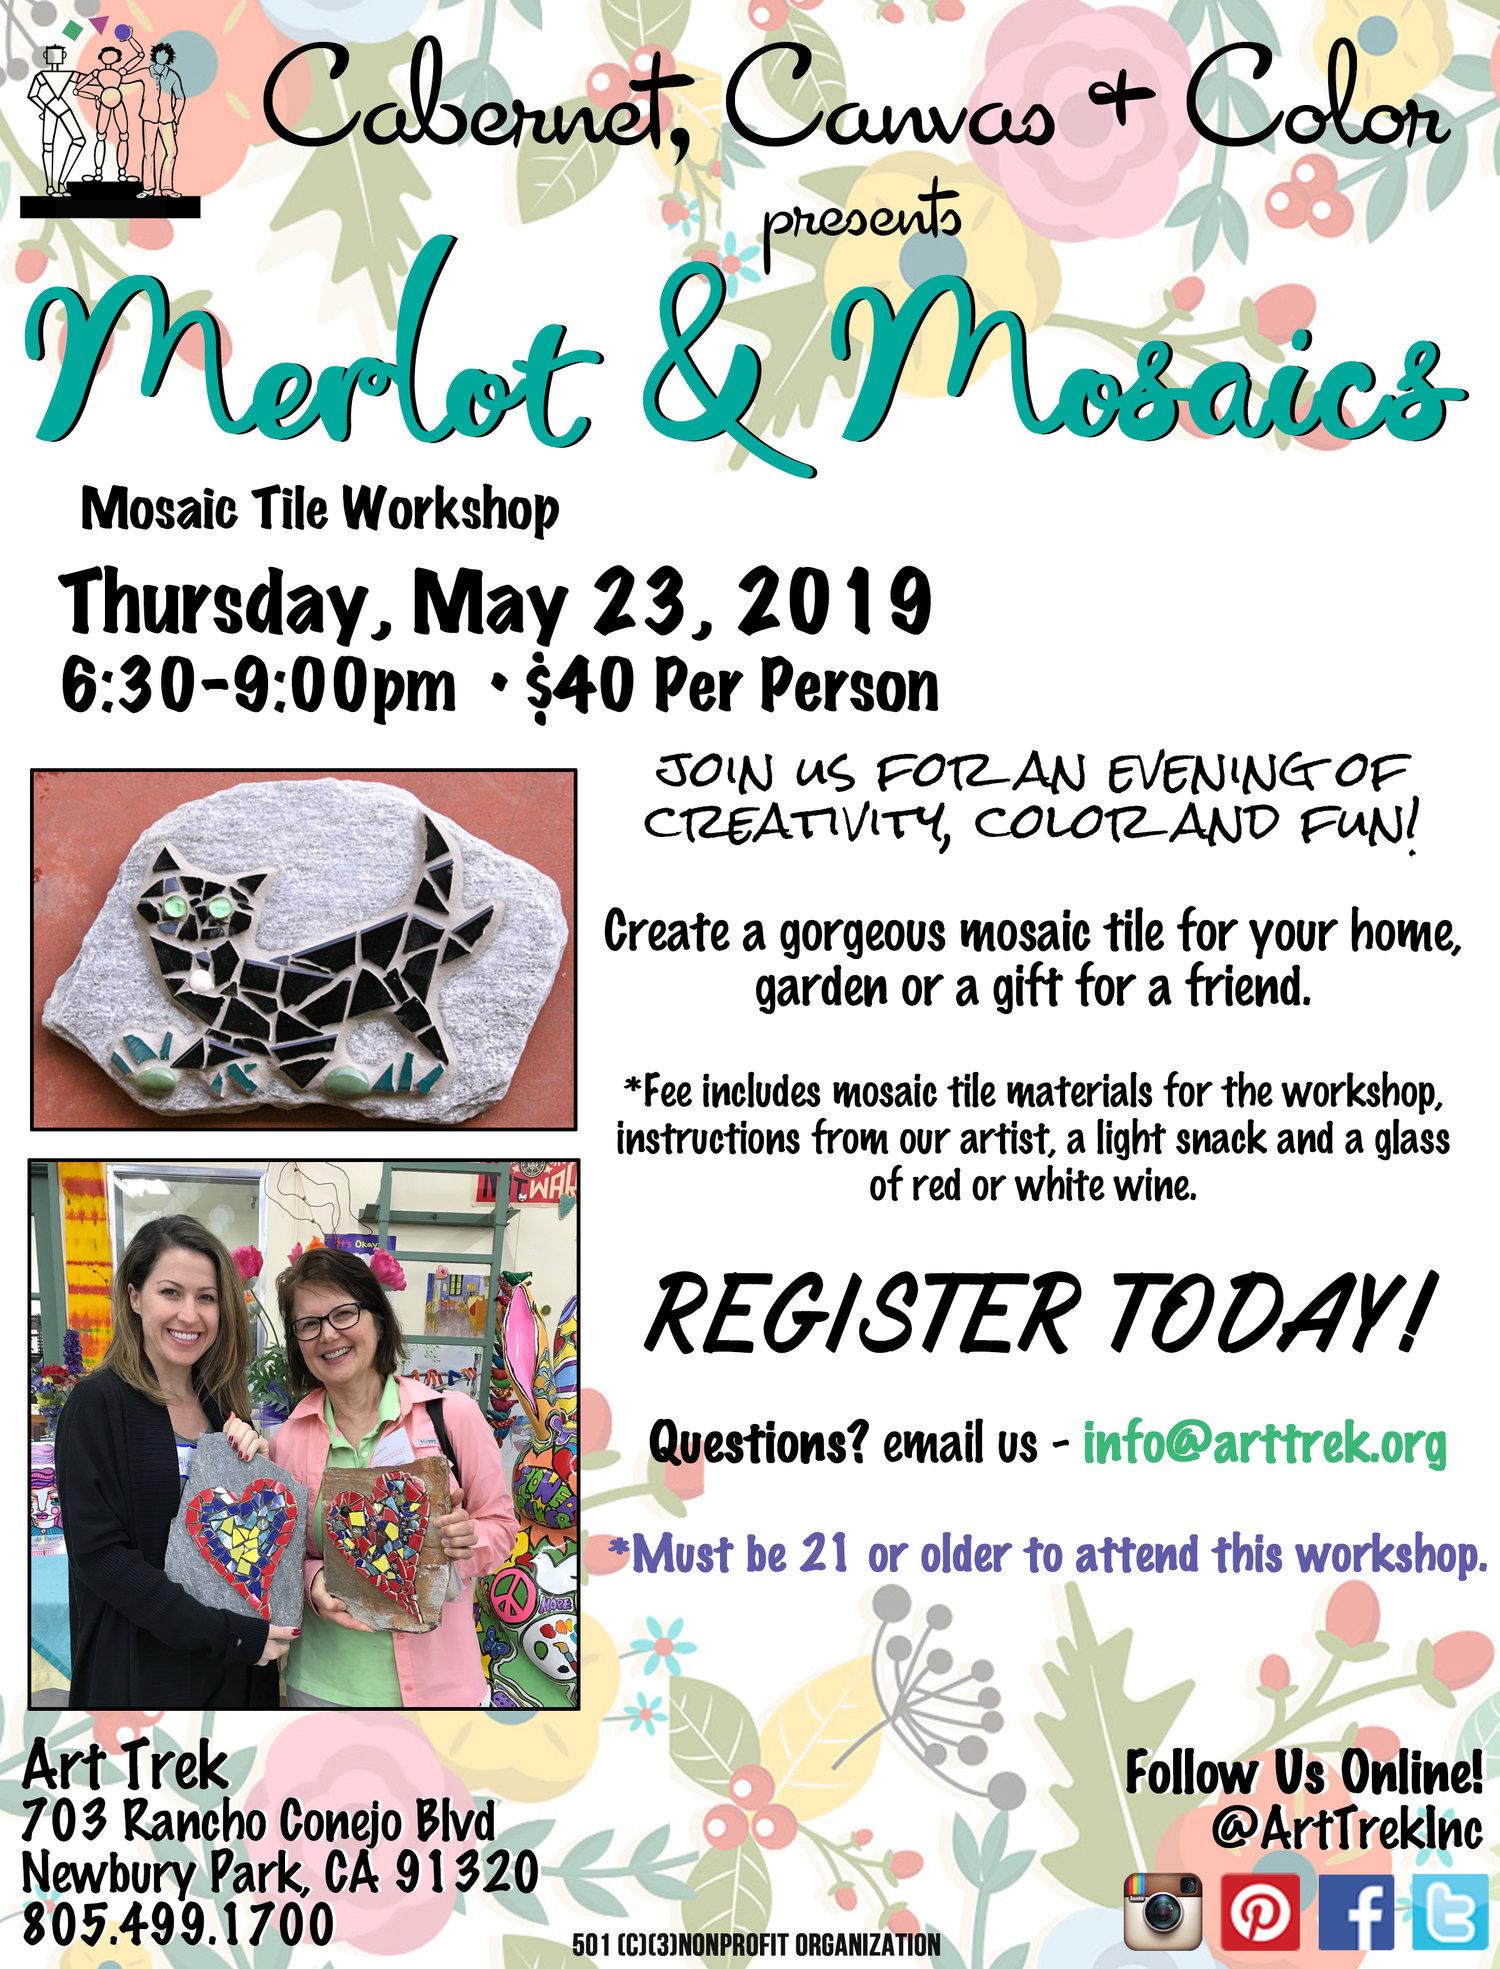 Cabernet, Canvas, and Color presents: Merlot & Mosaics